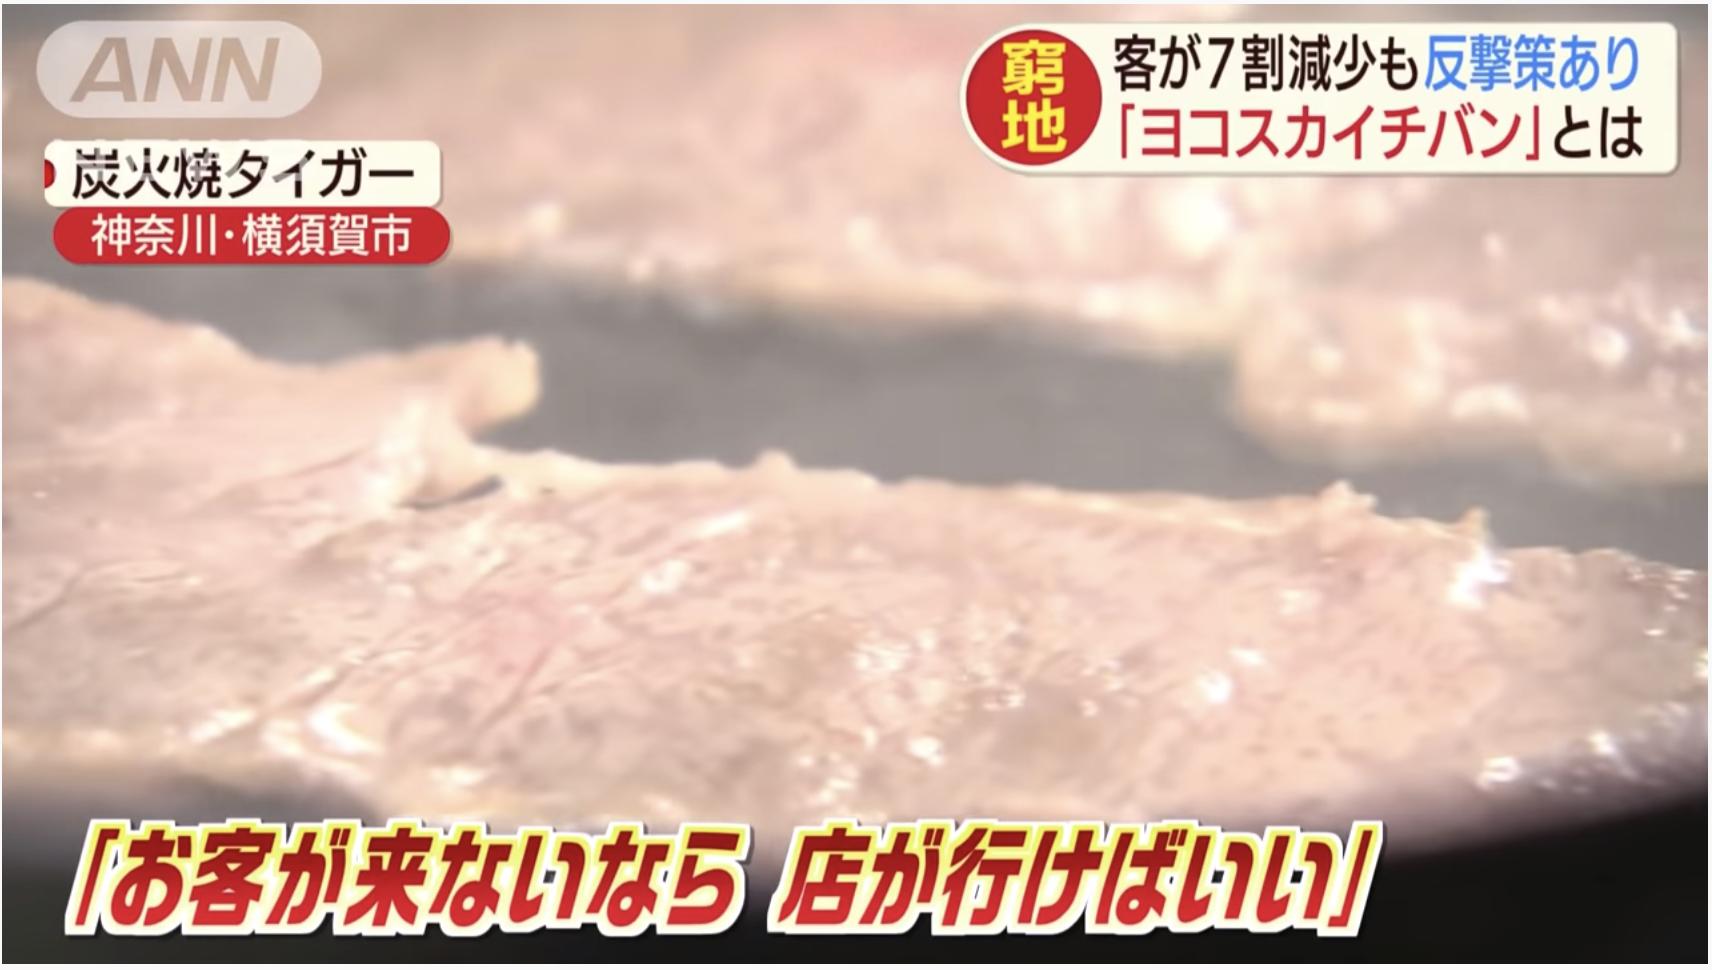 【ヨコスカイチバン】苦境の飲食店が地域ぐるみで反撃策!